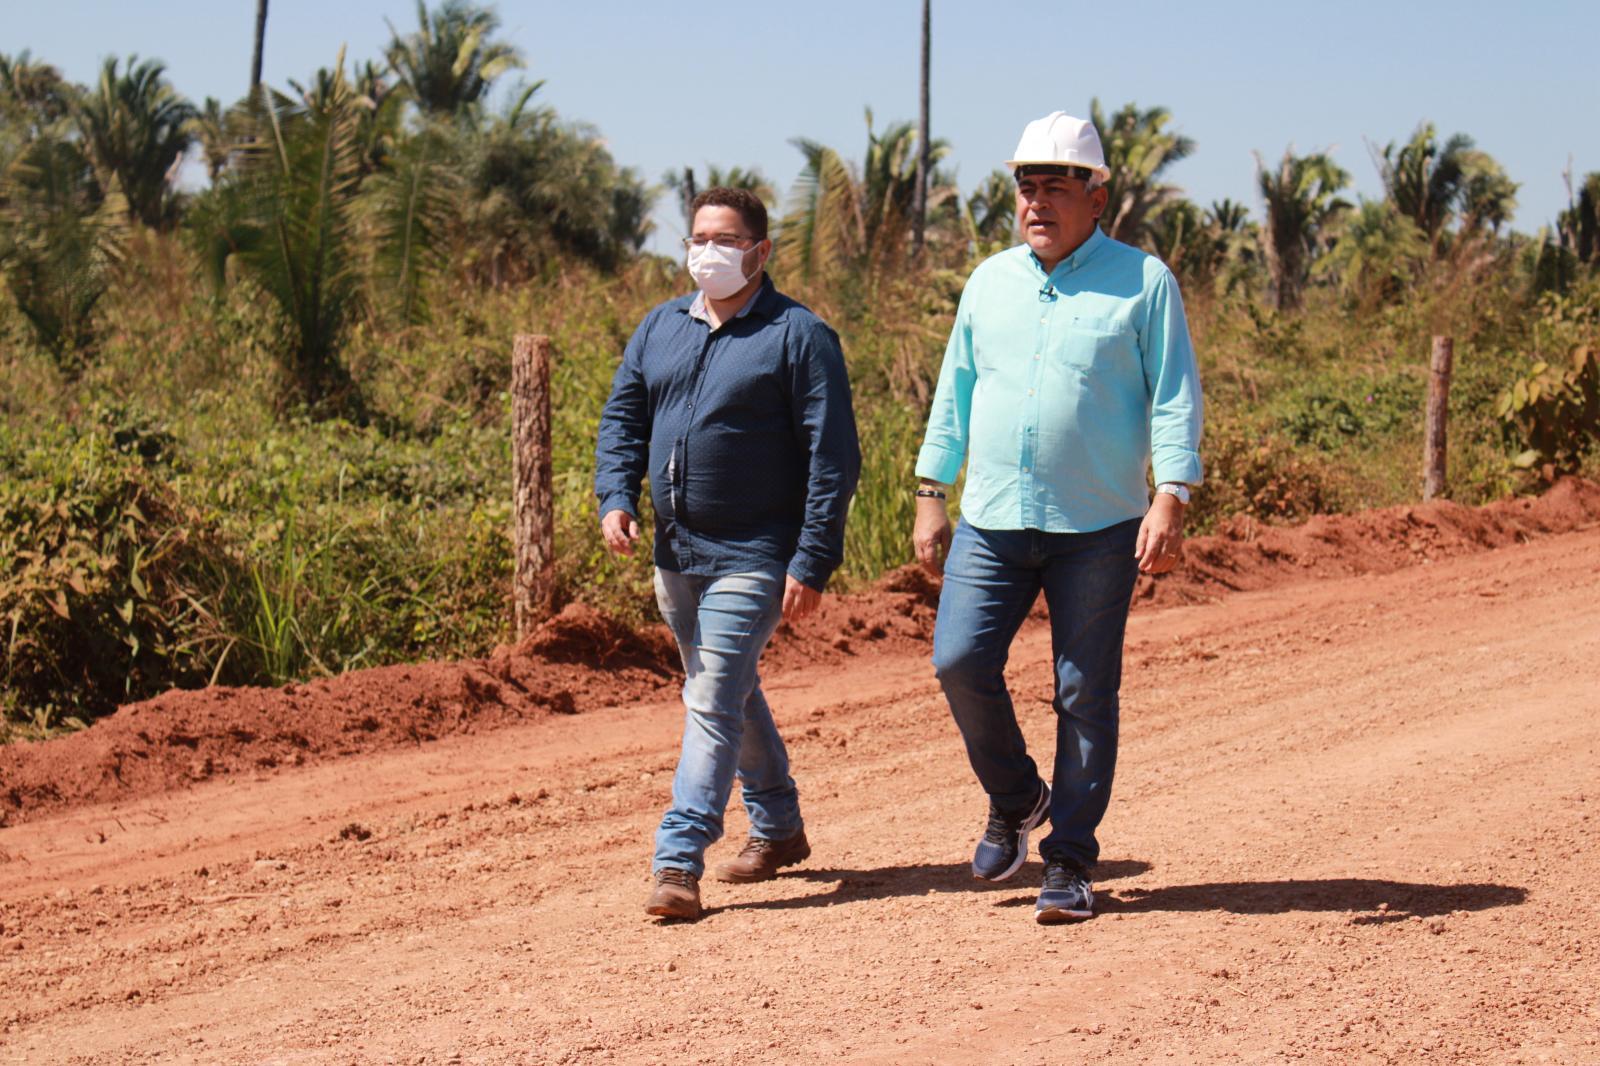 Secretaria de Obras intensifica trabalhos de manutenção de estradas vicinais na região da Trizidela, em Codó.